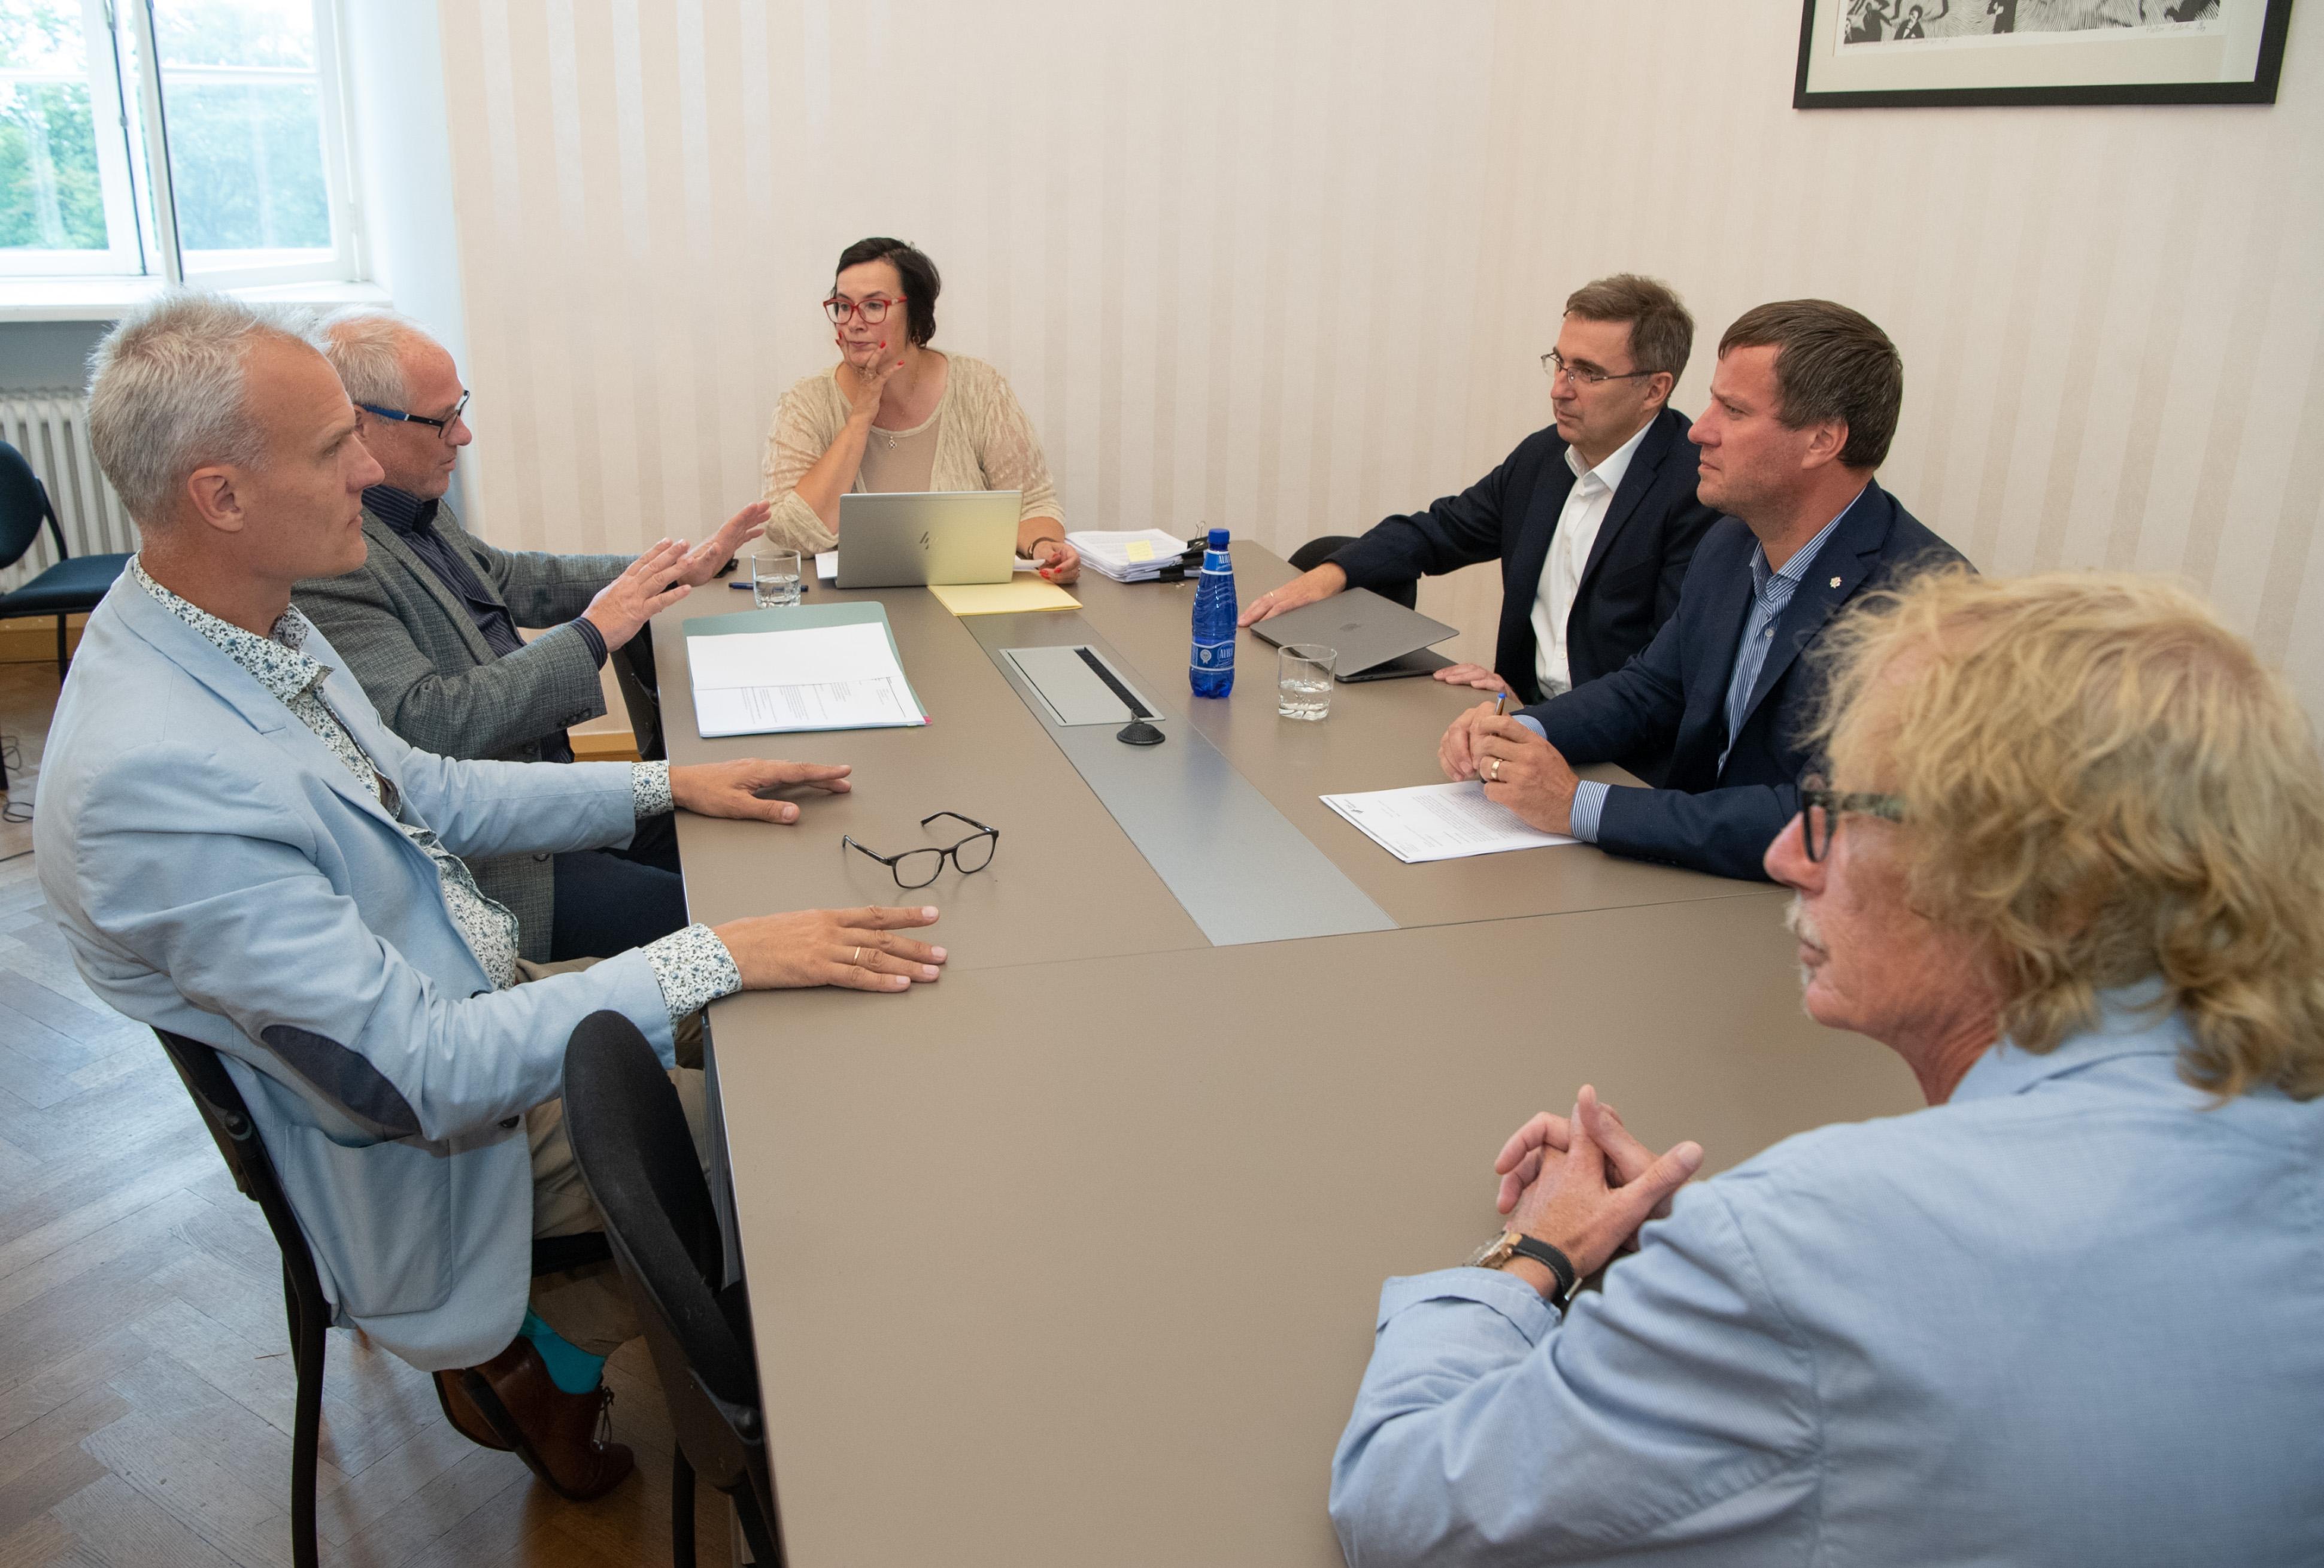 Erikomisjon soovitab Riigikogu liikmetel oma tegemistes olla läbipaistvamad